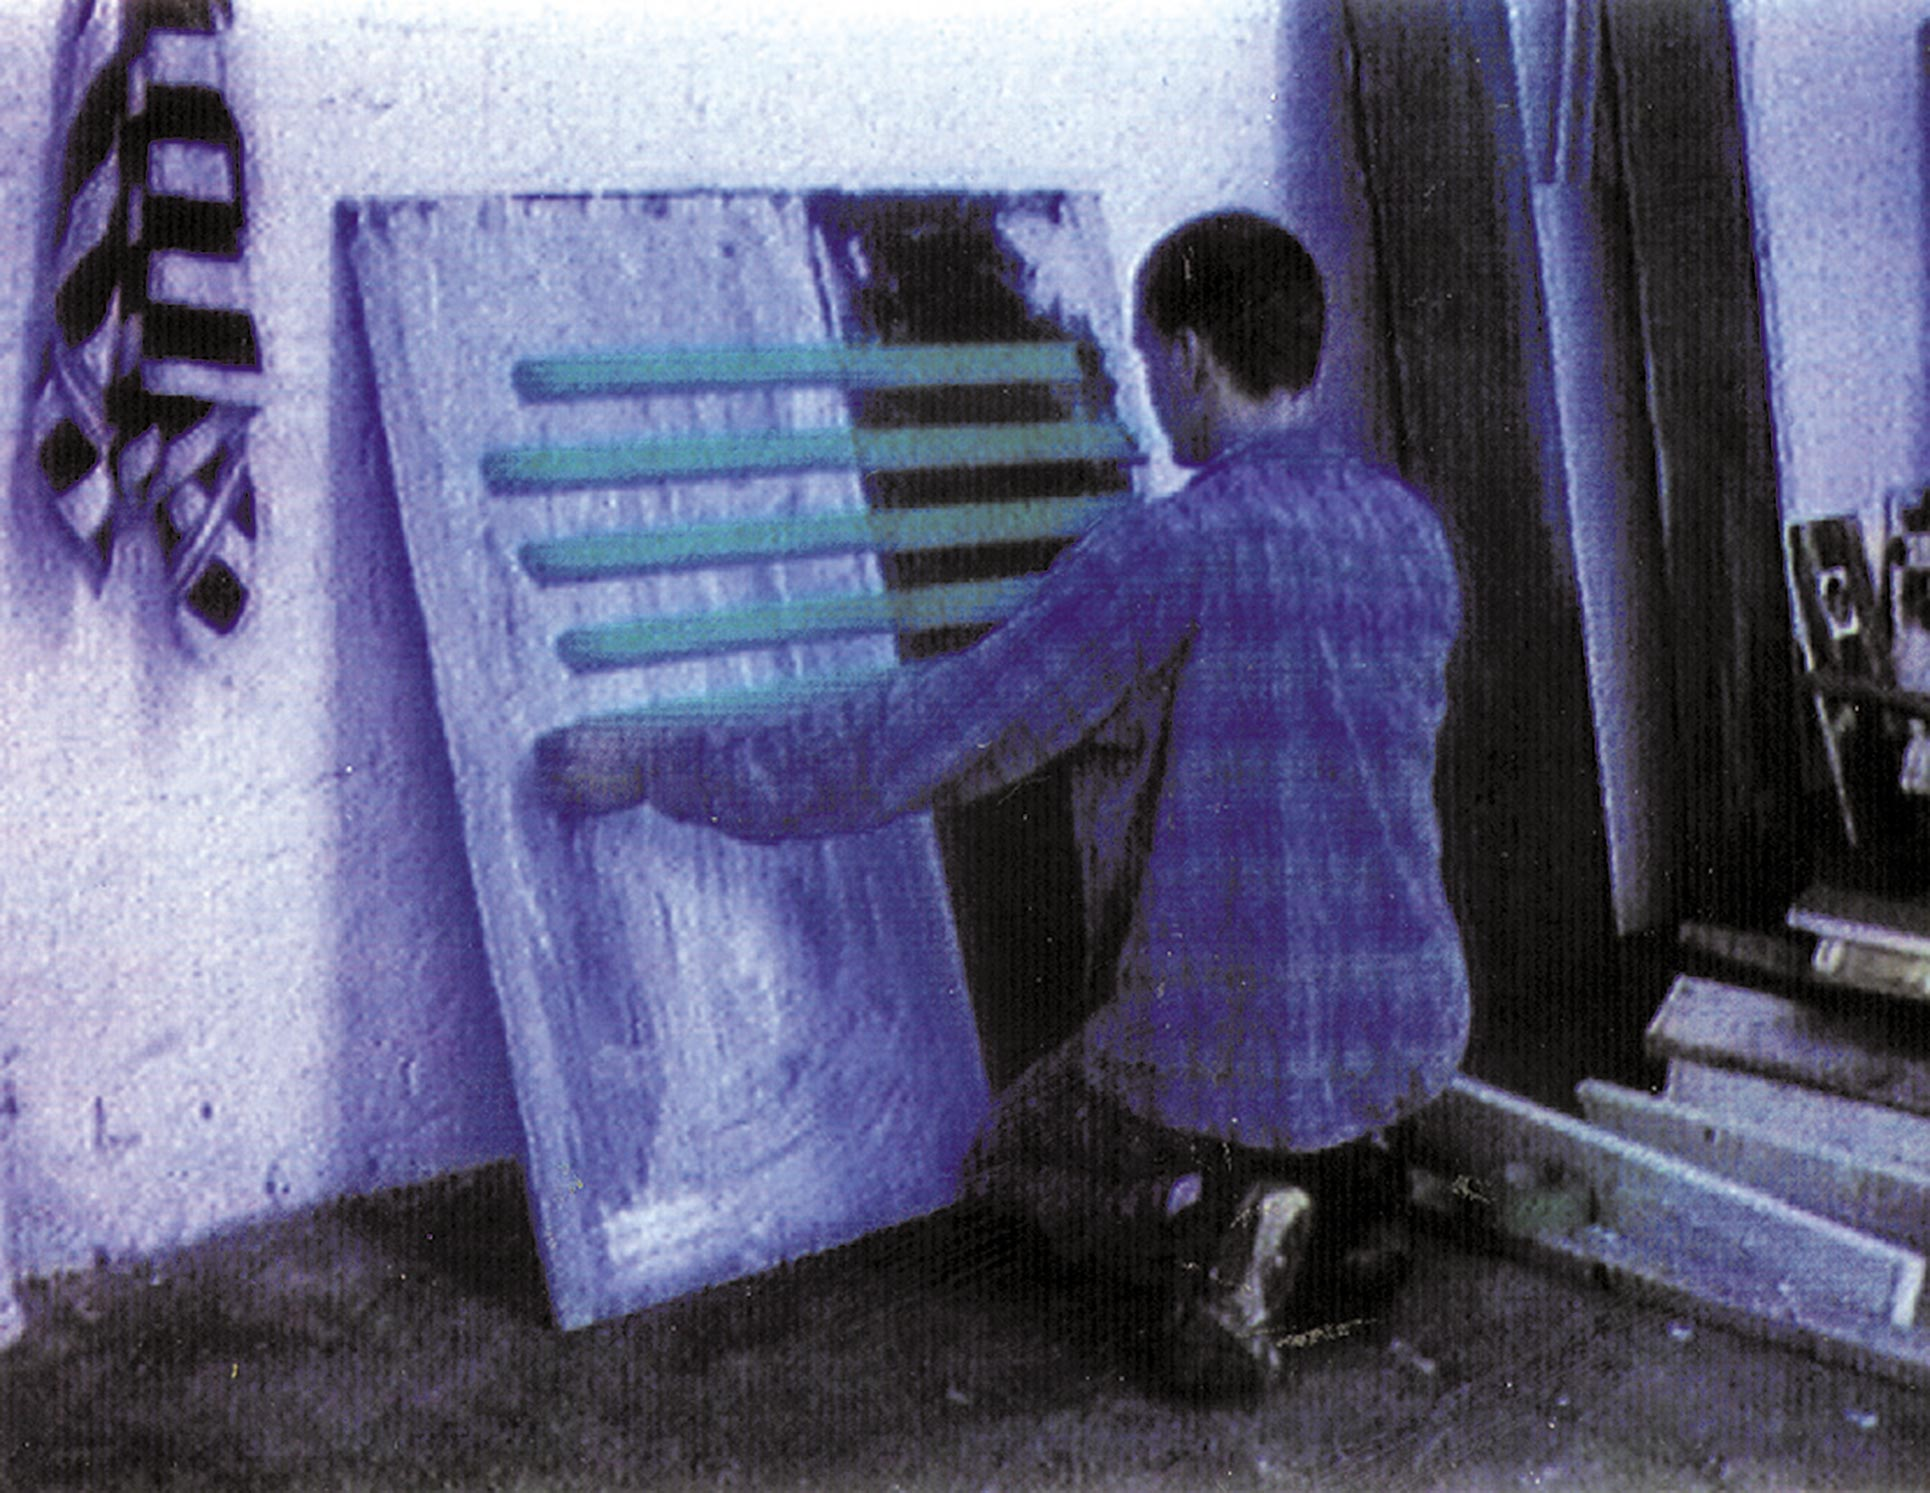 Redetour, Frauenfeld videostill, artist painting